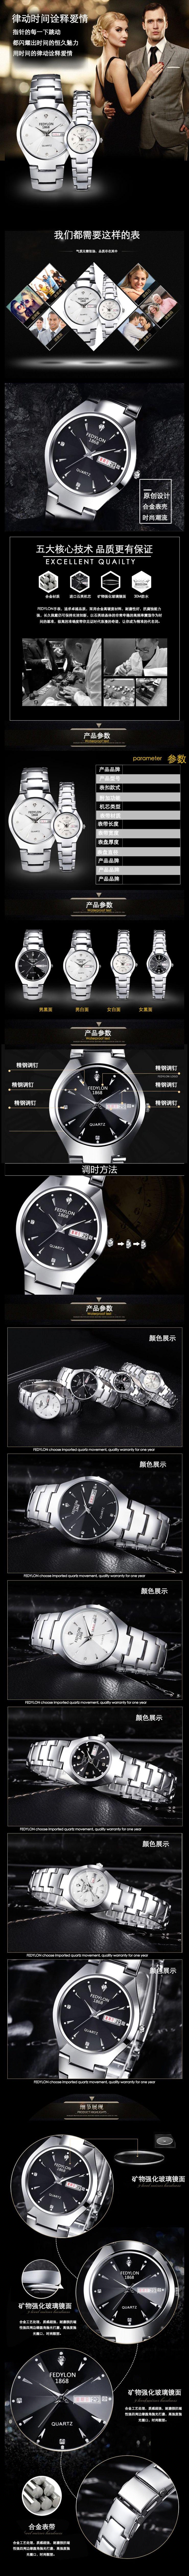 黑色简约时尚电商手表宣传营销宝贝详情